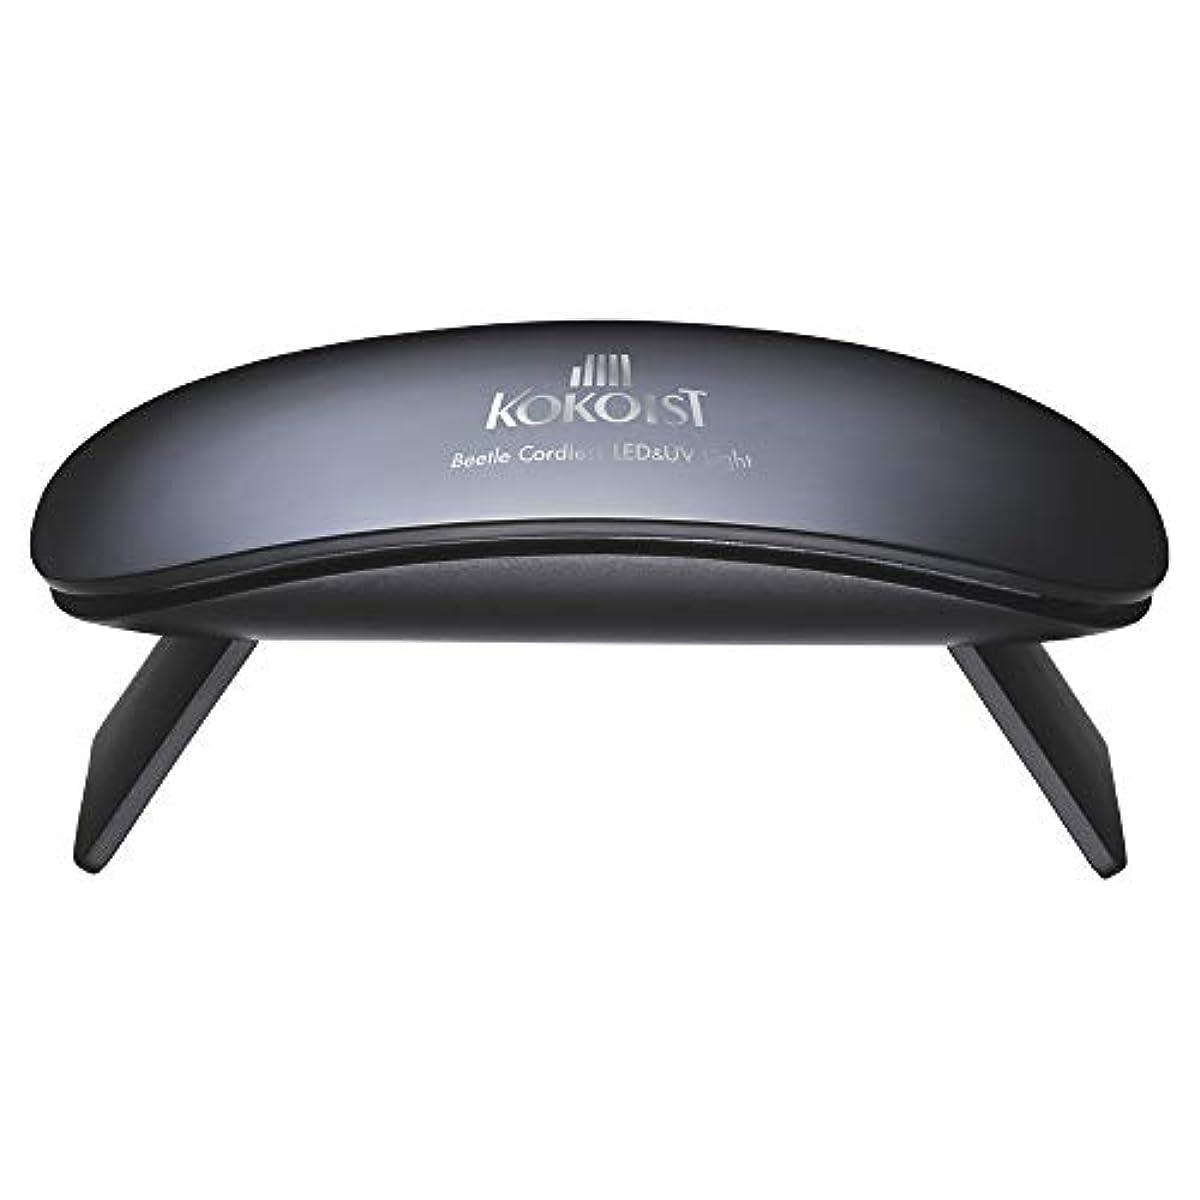 浸食ペンダントブラウスココイスト KOKOIST BeetleコードレスLED&UVライト 9W セット 本体+USBコード